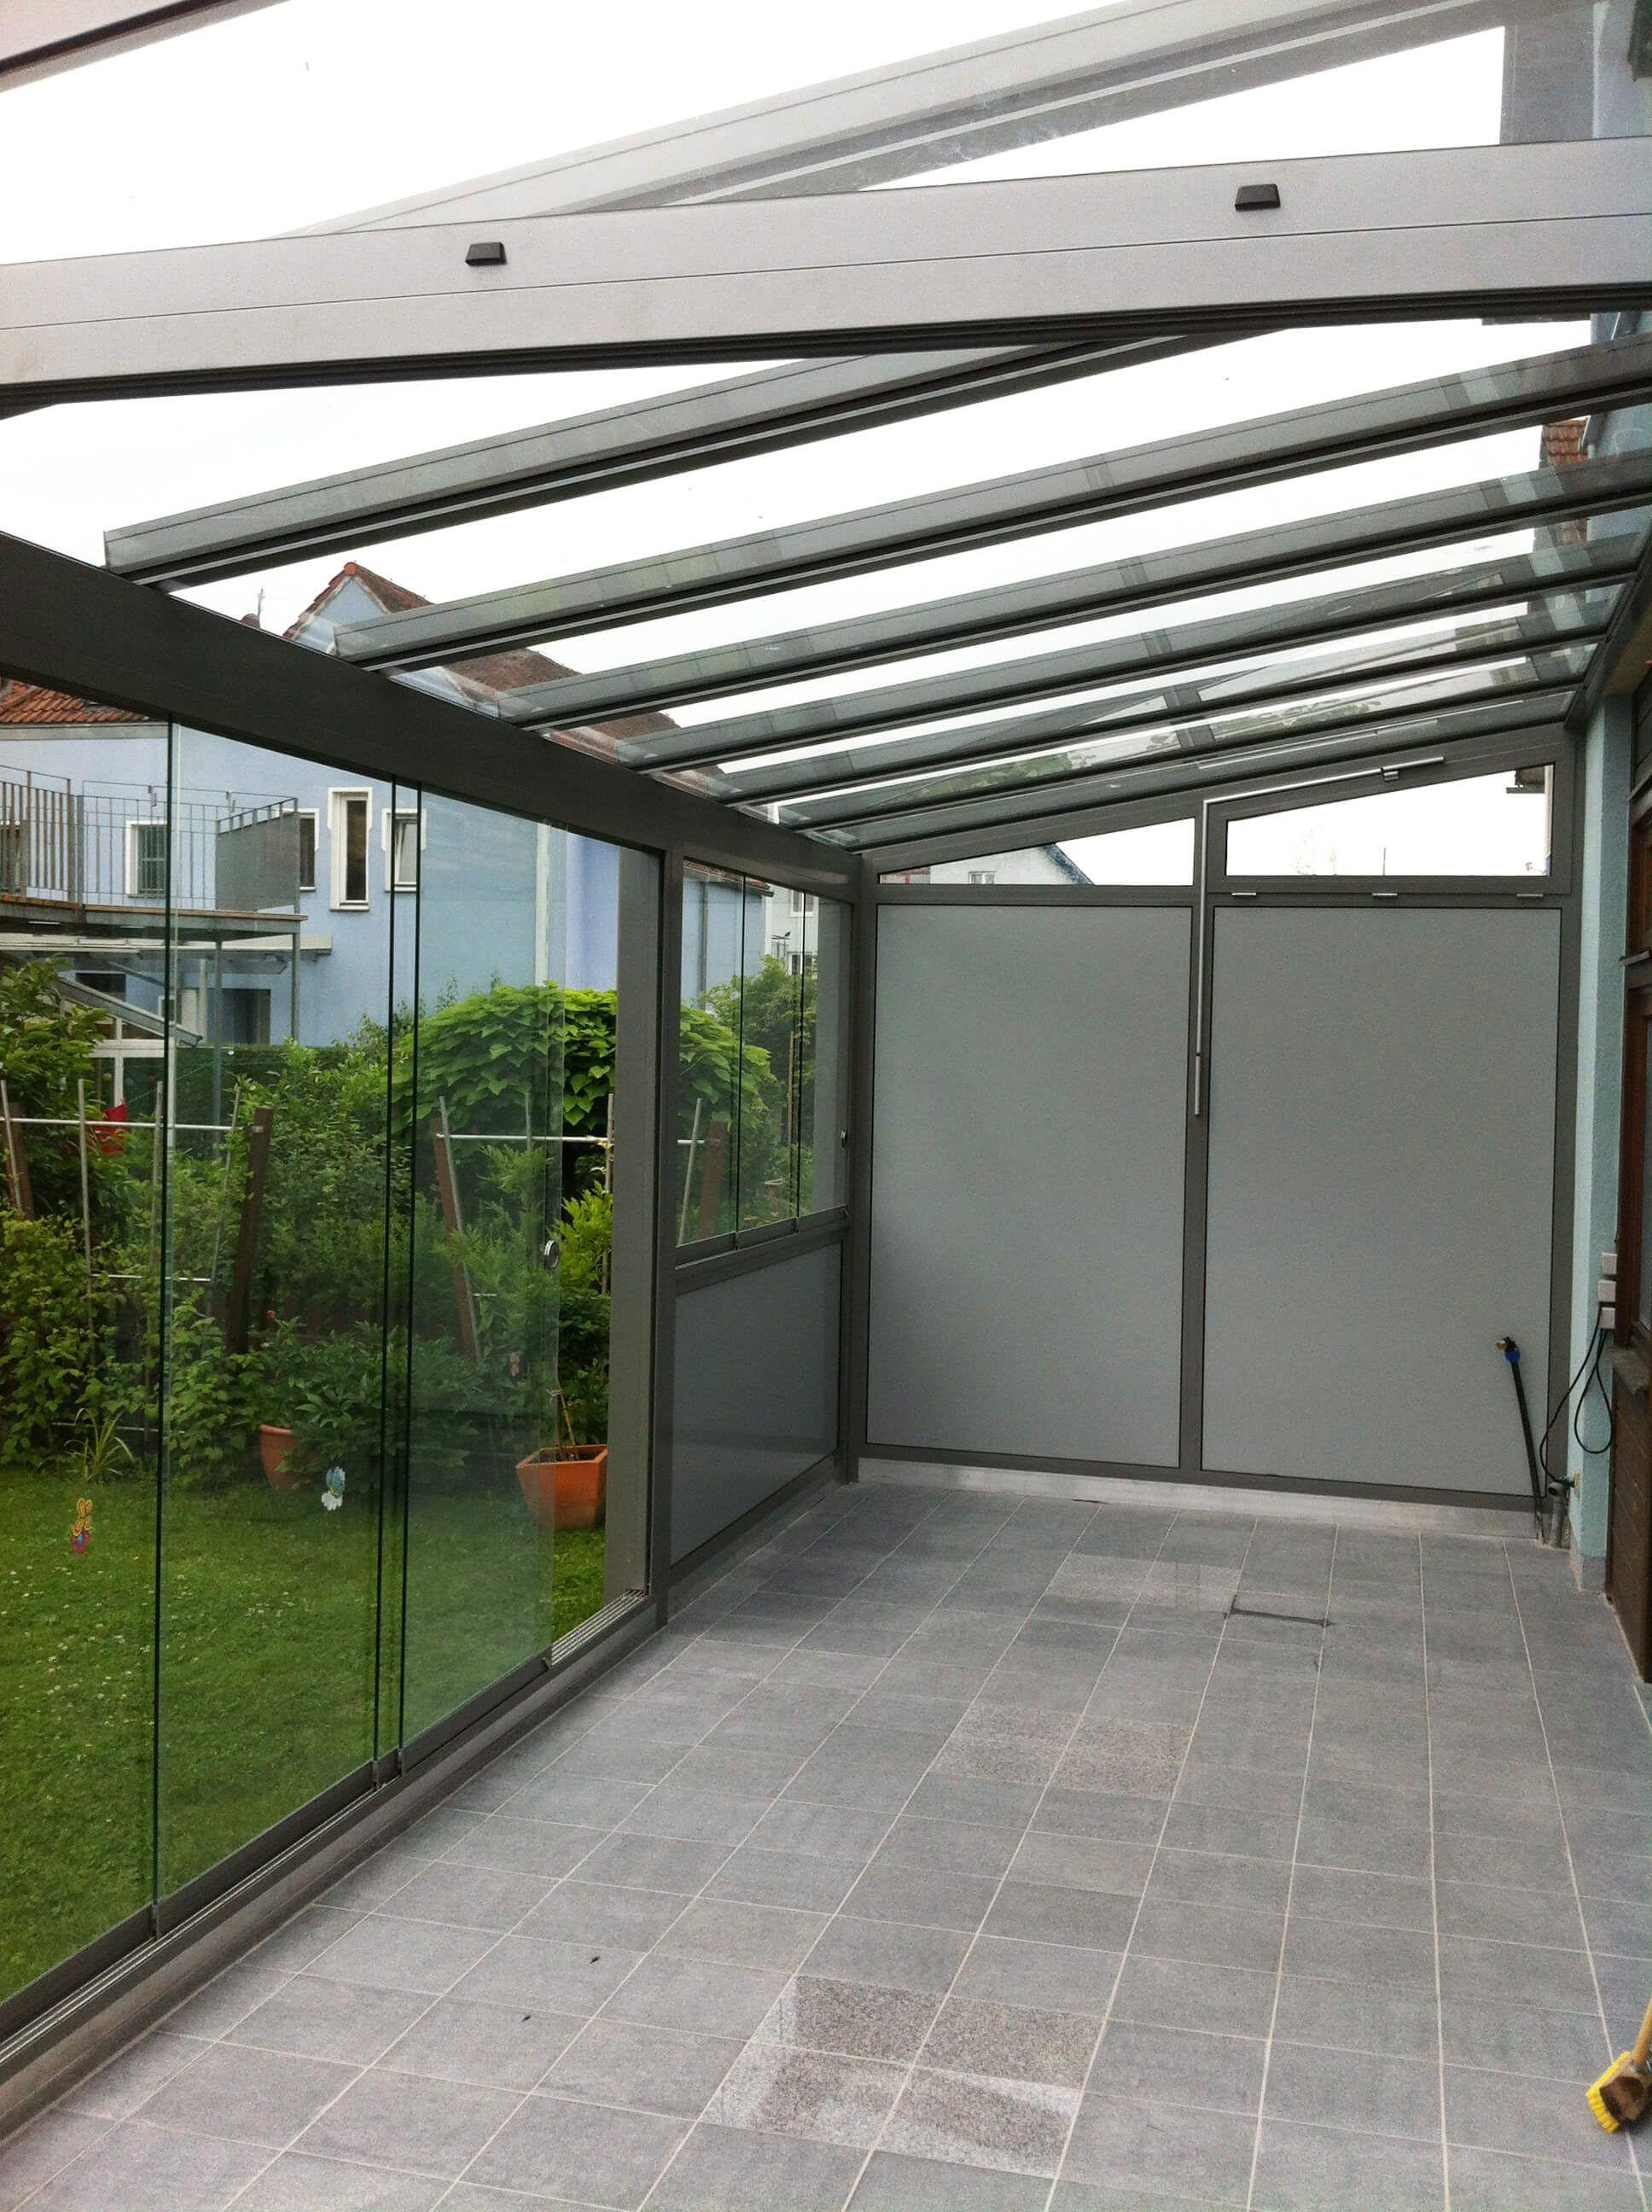 Terrasse mit Sichtschutz Schutz vor neugierigen Blicken